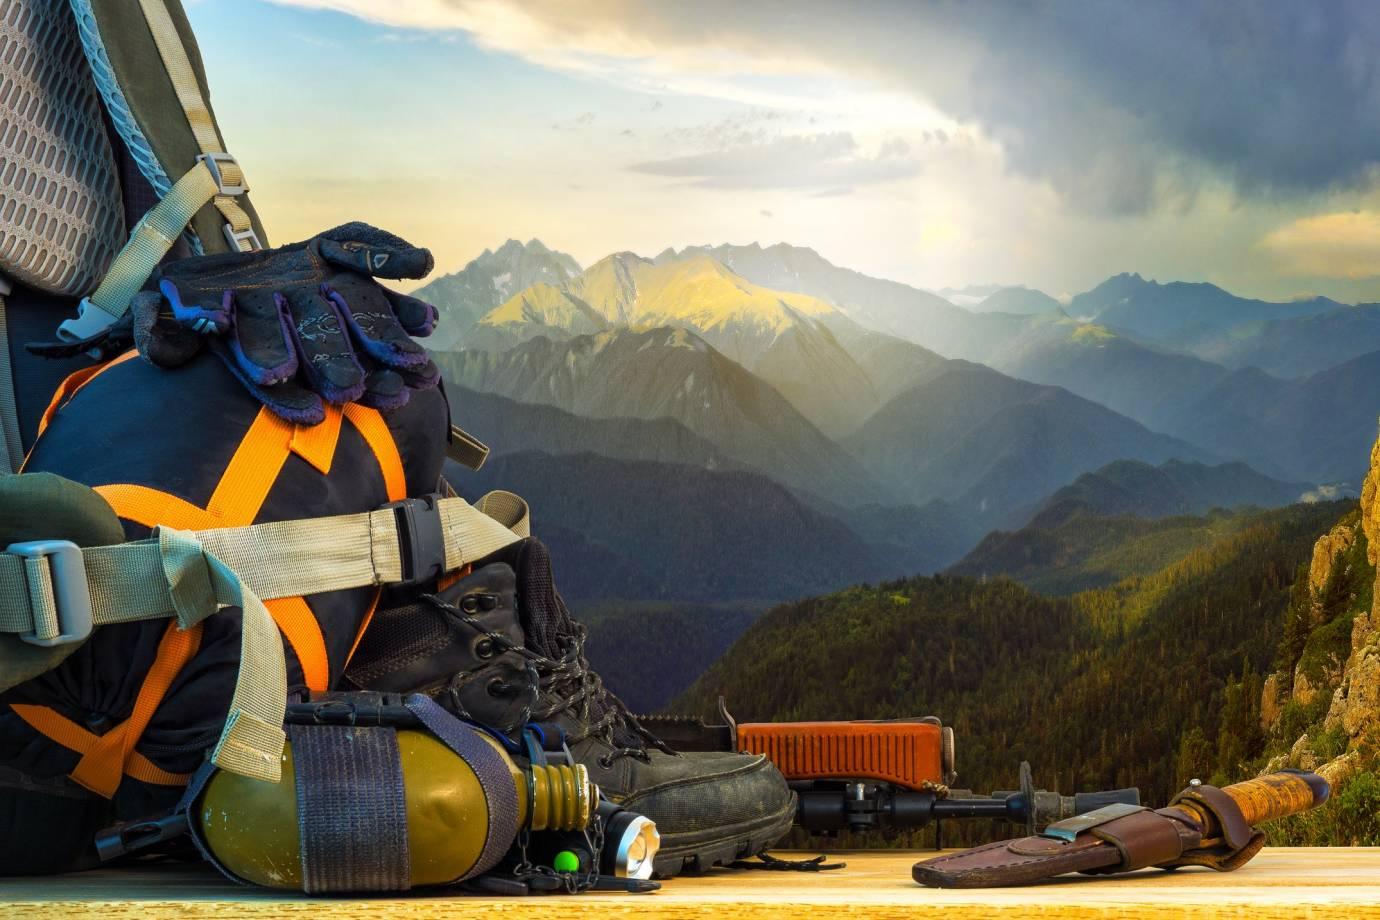 Used gear, mountain backdrop